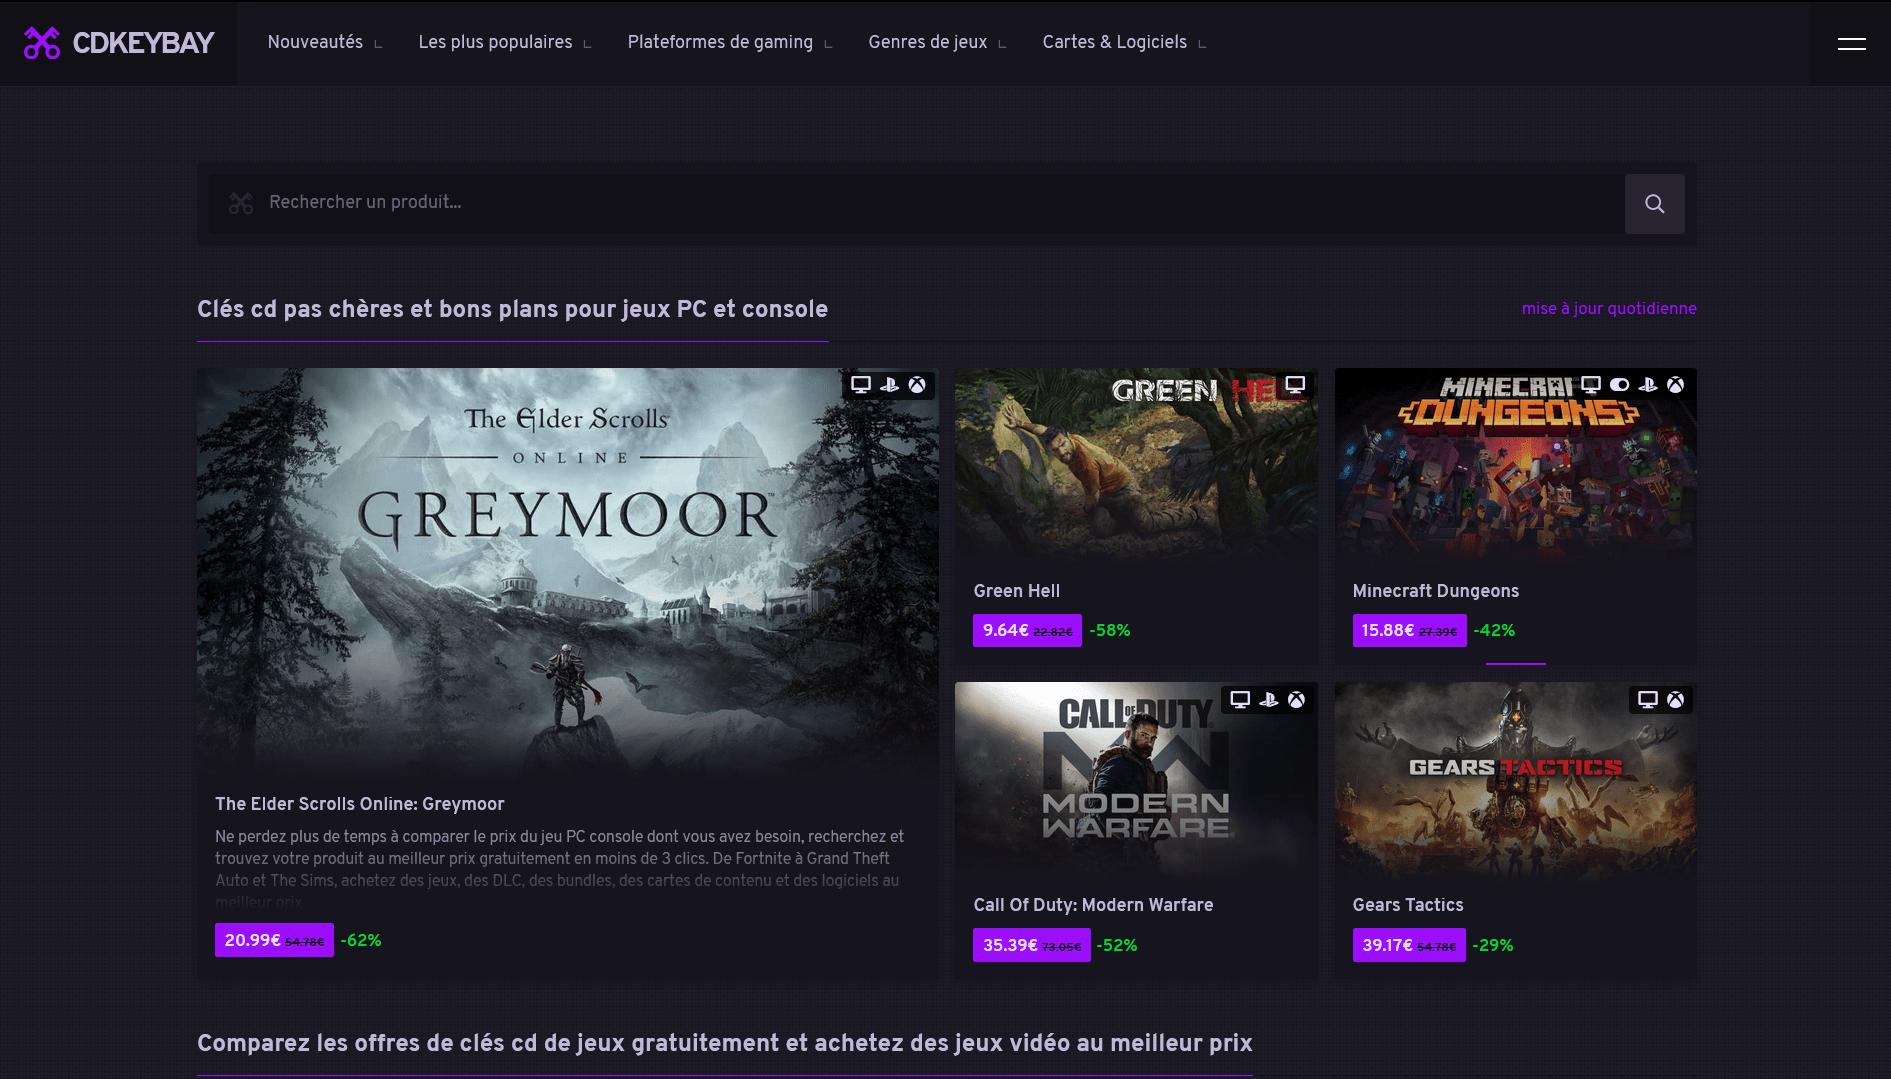 Comparez tous les jeux vidéo par prix avec Cdkeybay